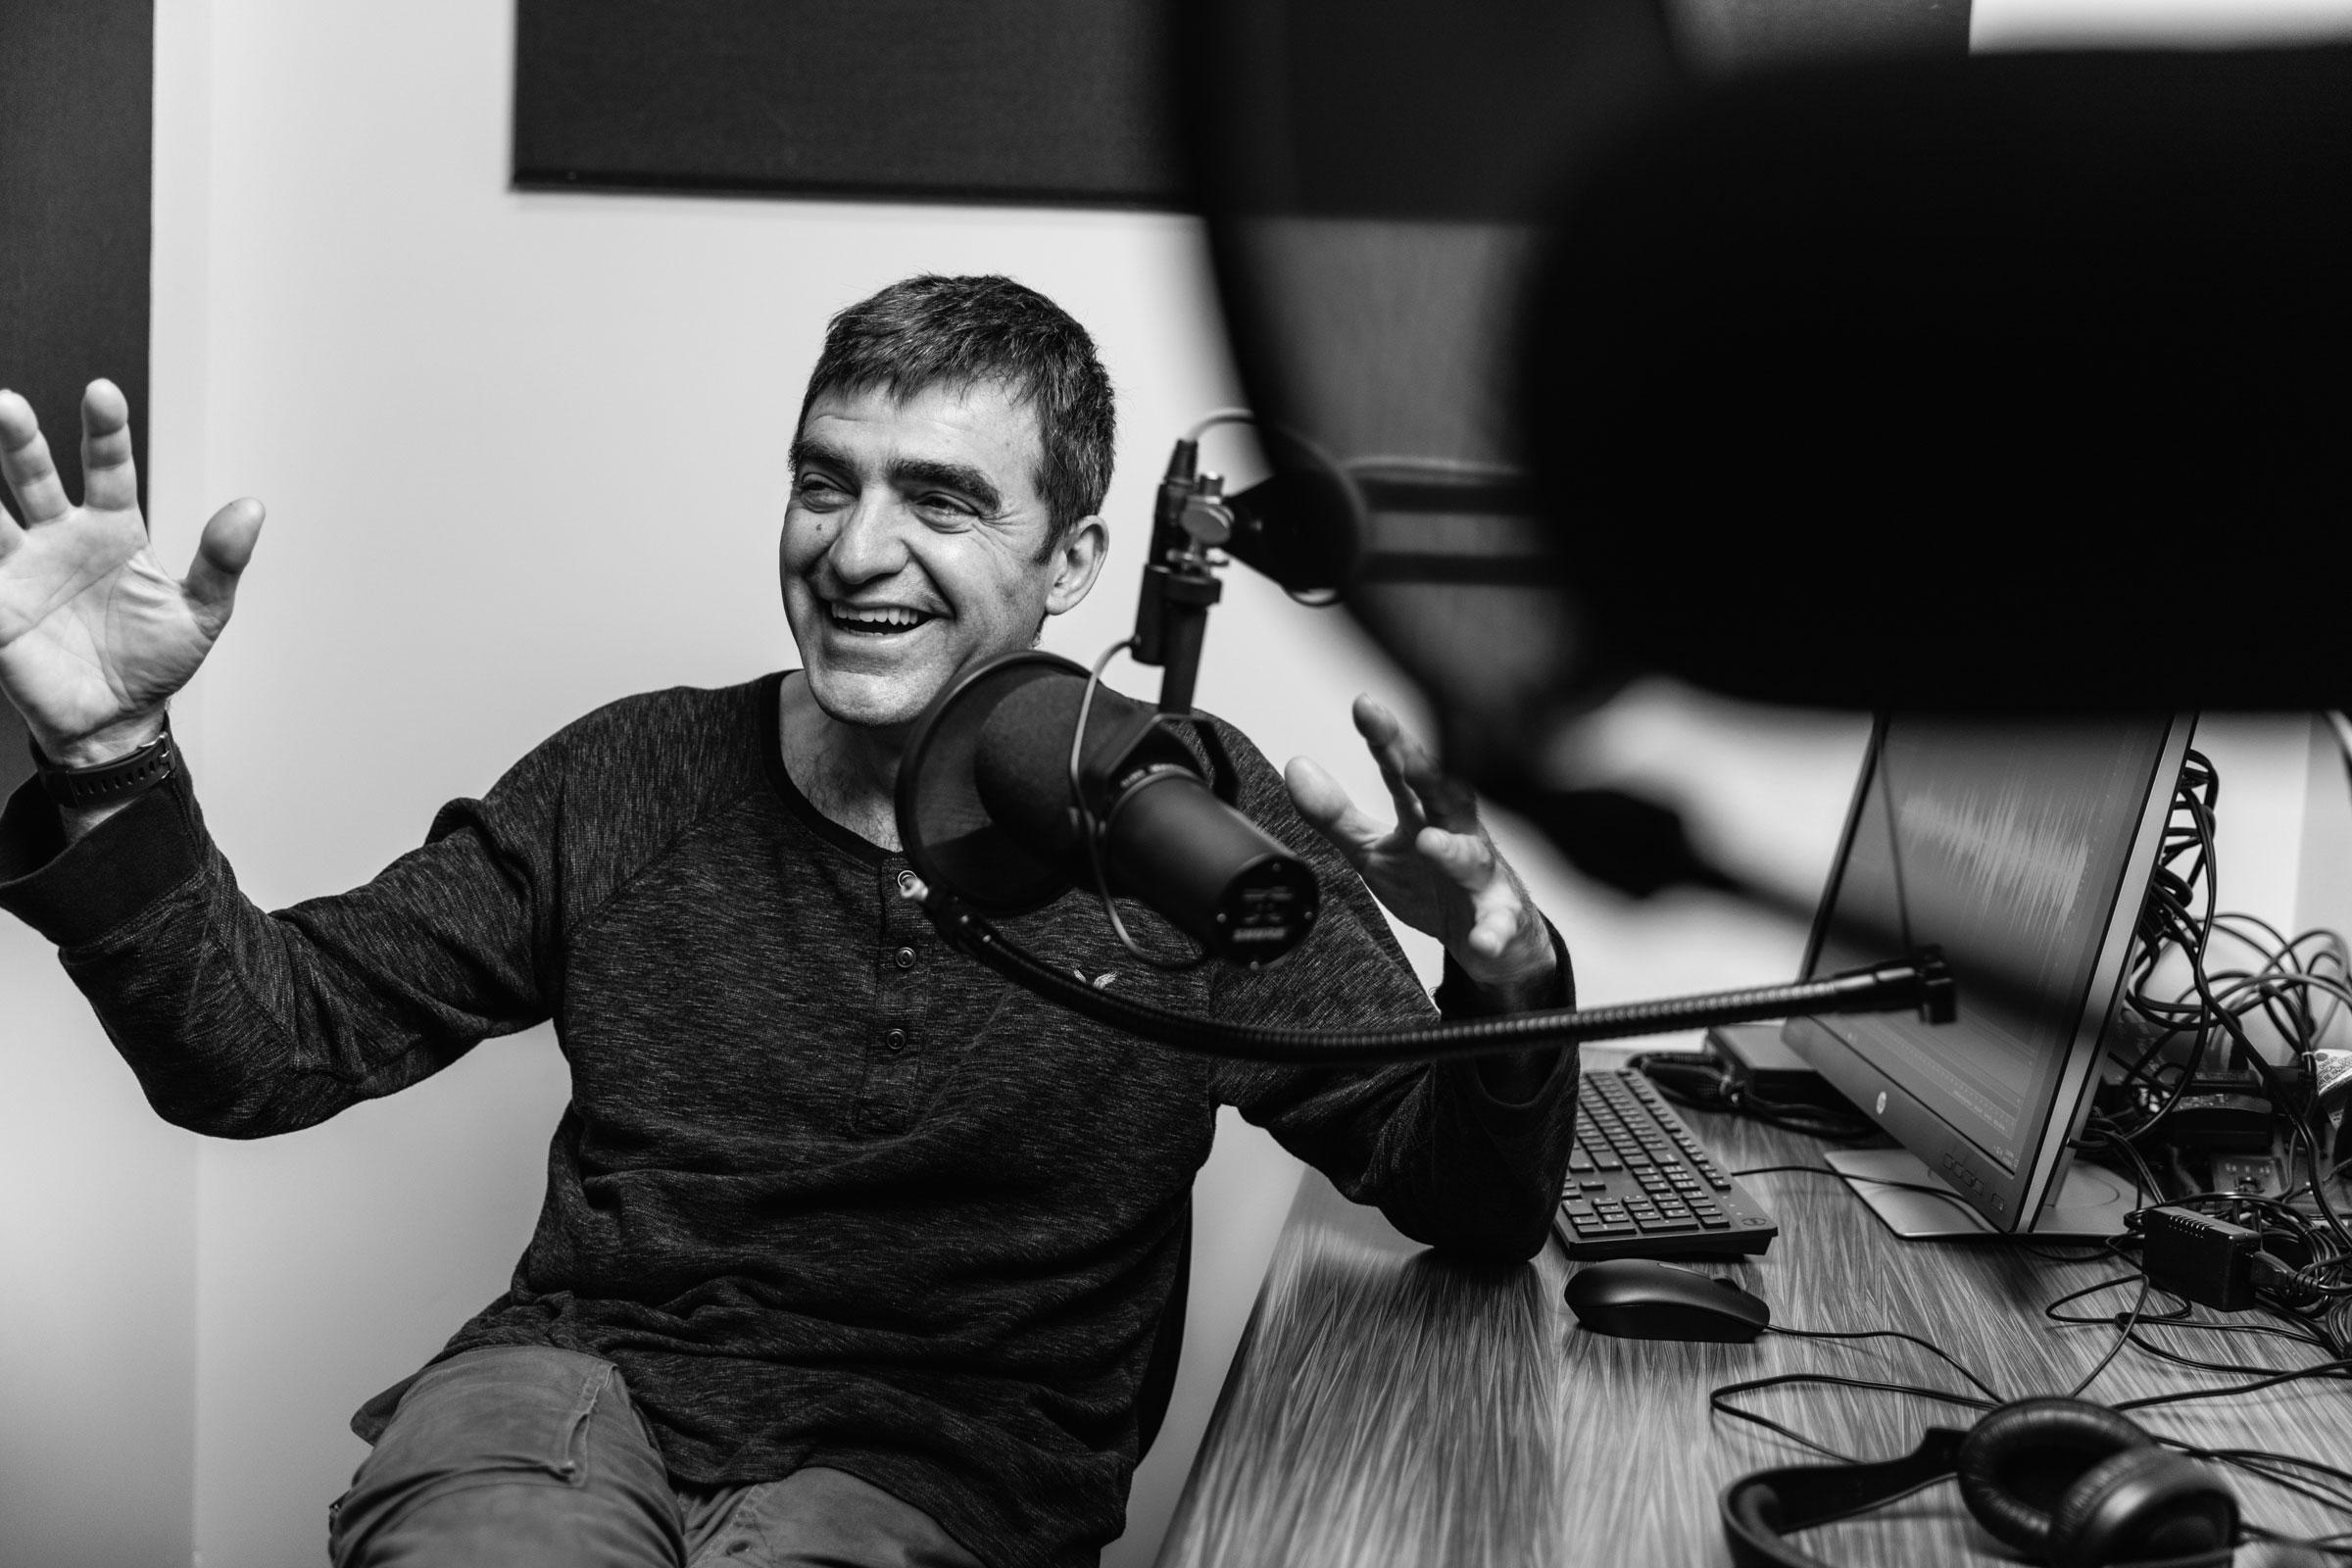 Photo of Podcast host Nino Ricci